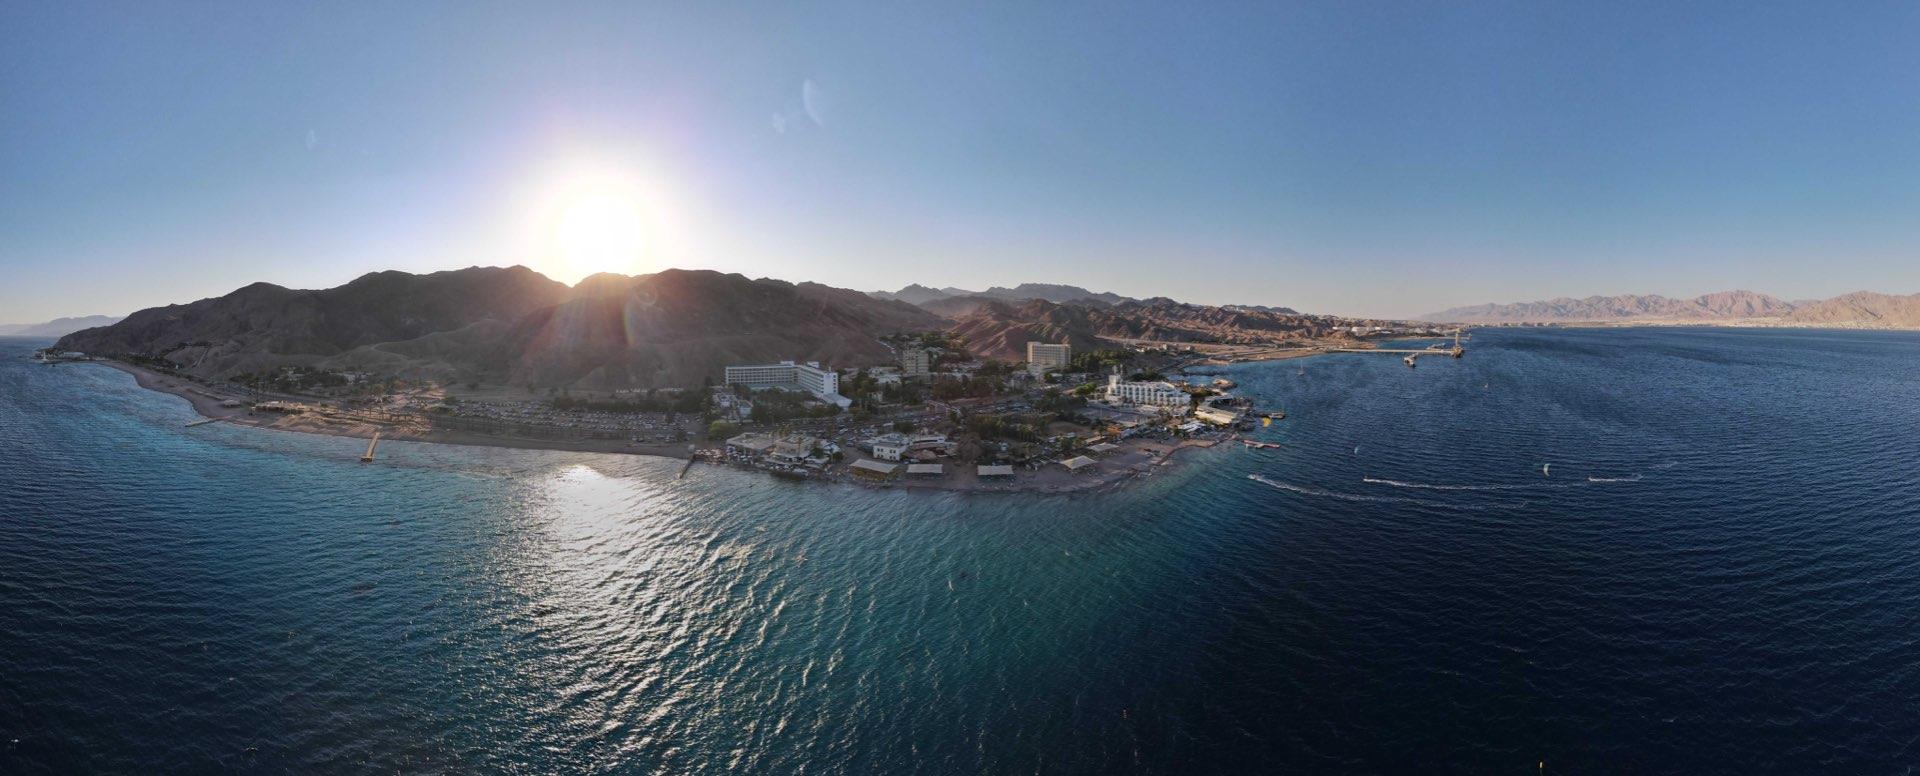 צילום פנורמי של מפרץ אילת